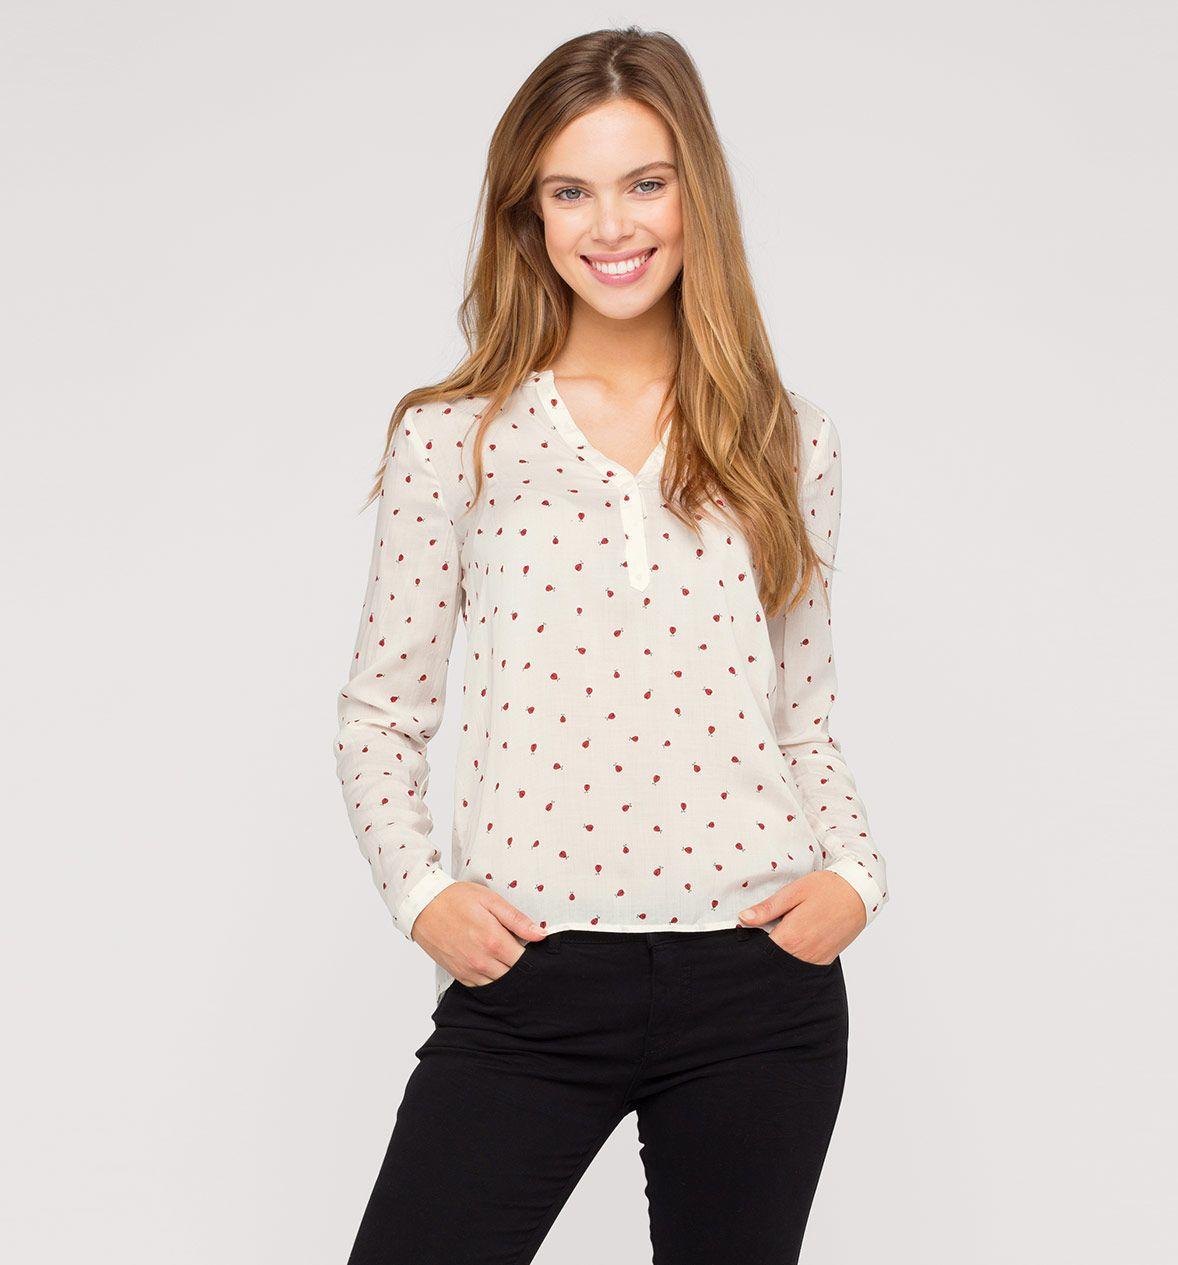 Damen Bluse Mit Marienkafer Print In Beige Mode Gunstig Online Kaufen Fashion Clothes Womens Fashion